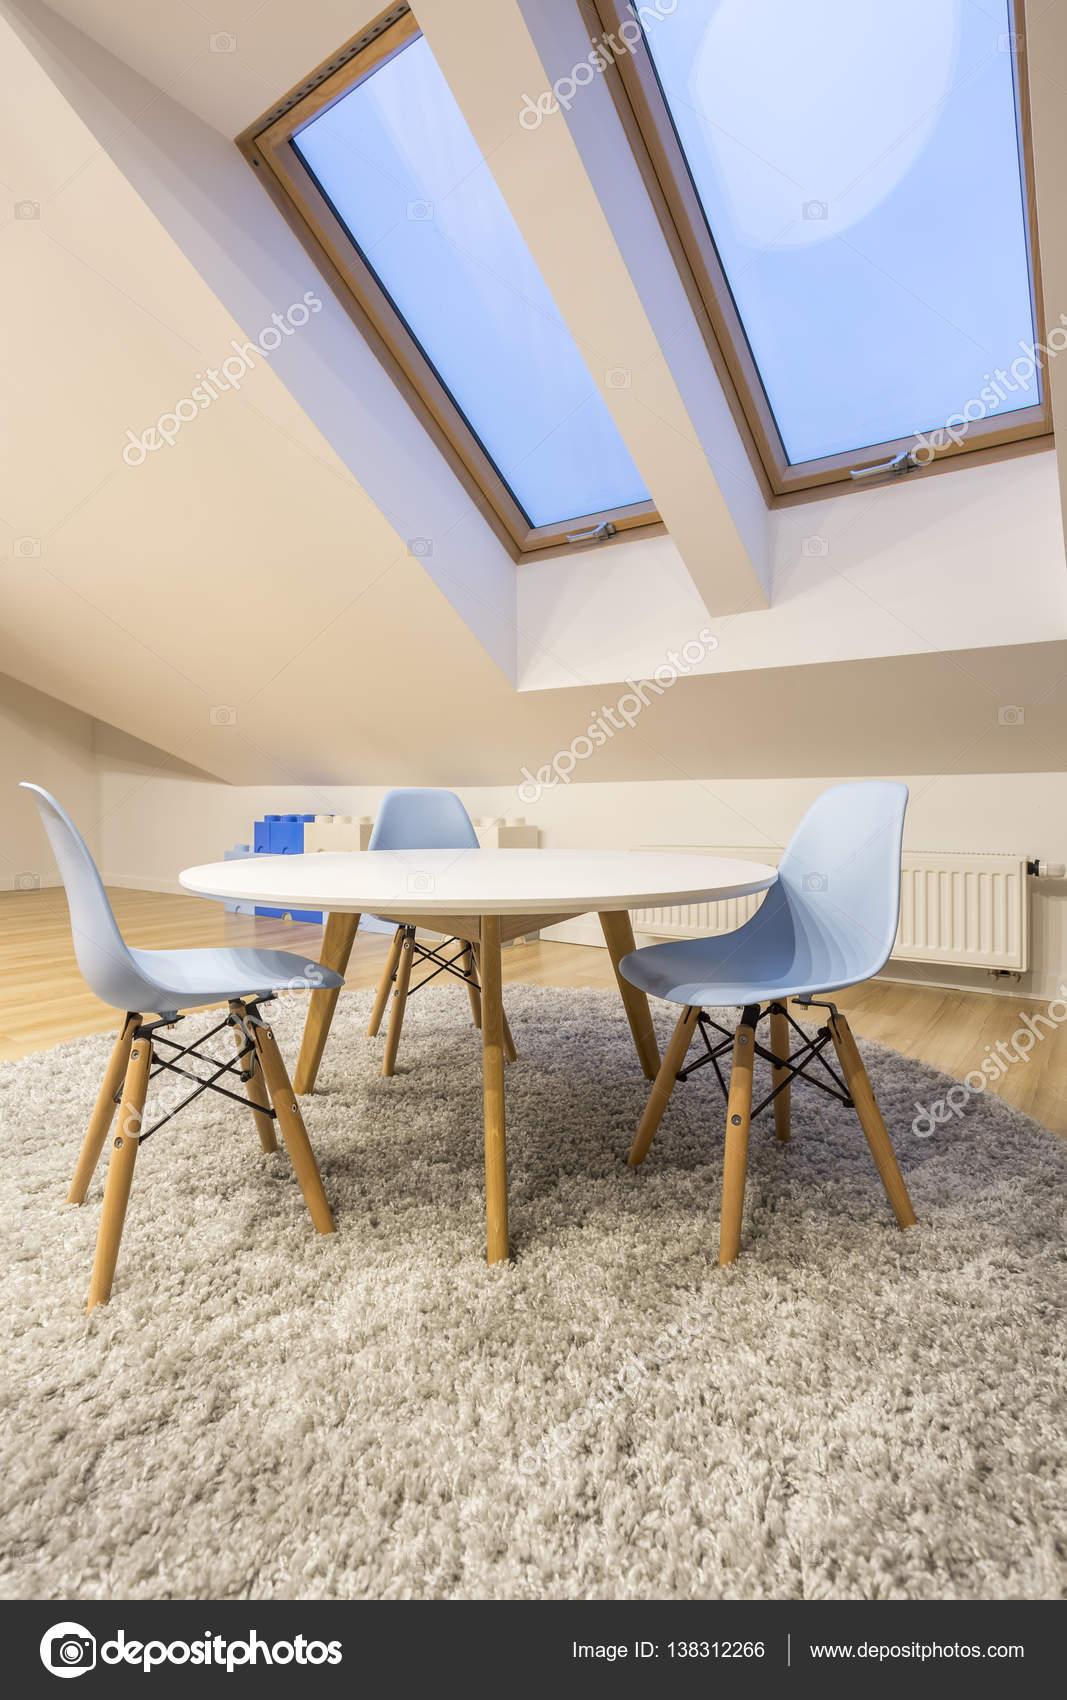 Tisch Im Zimmer Unter Dem Dach Stockfoto C Photographee Eu 138312266